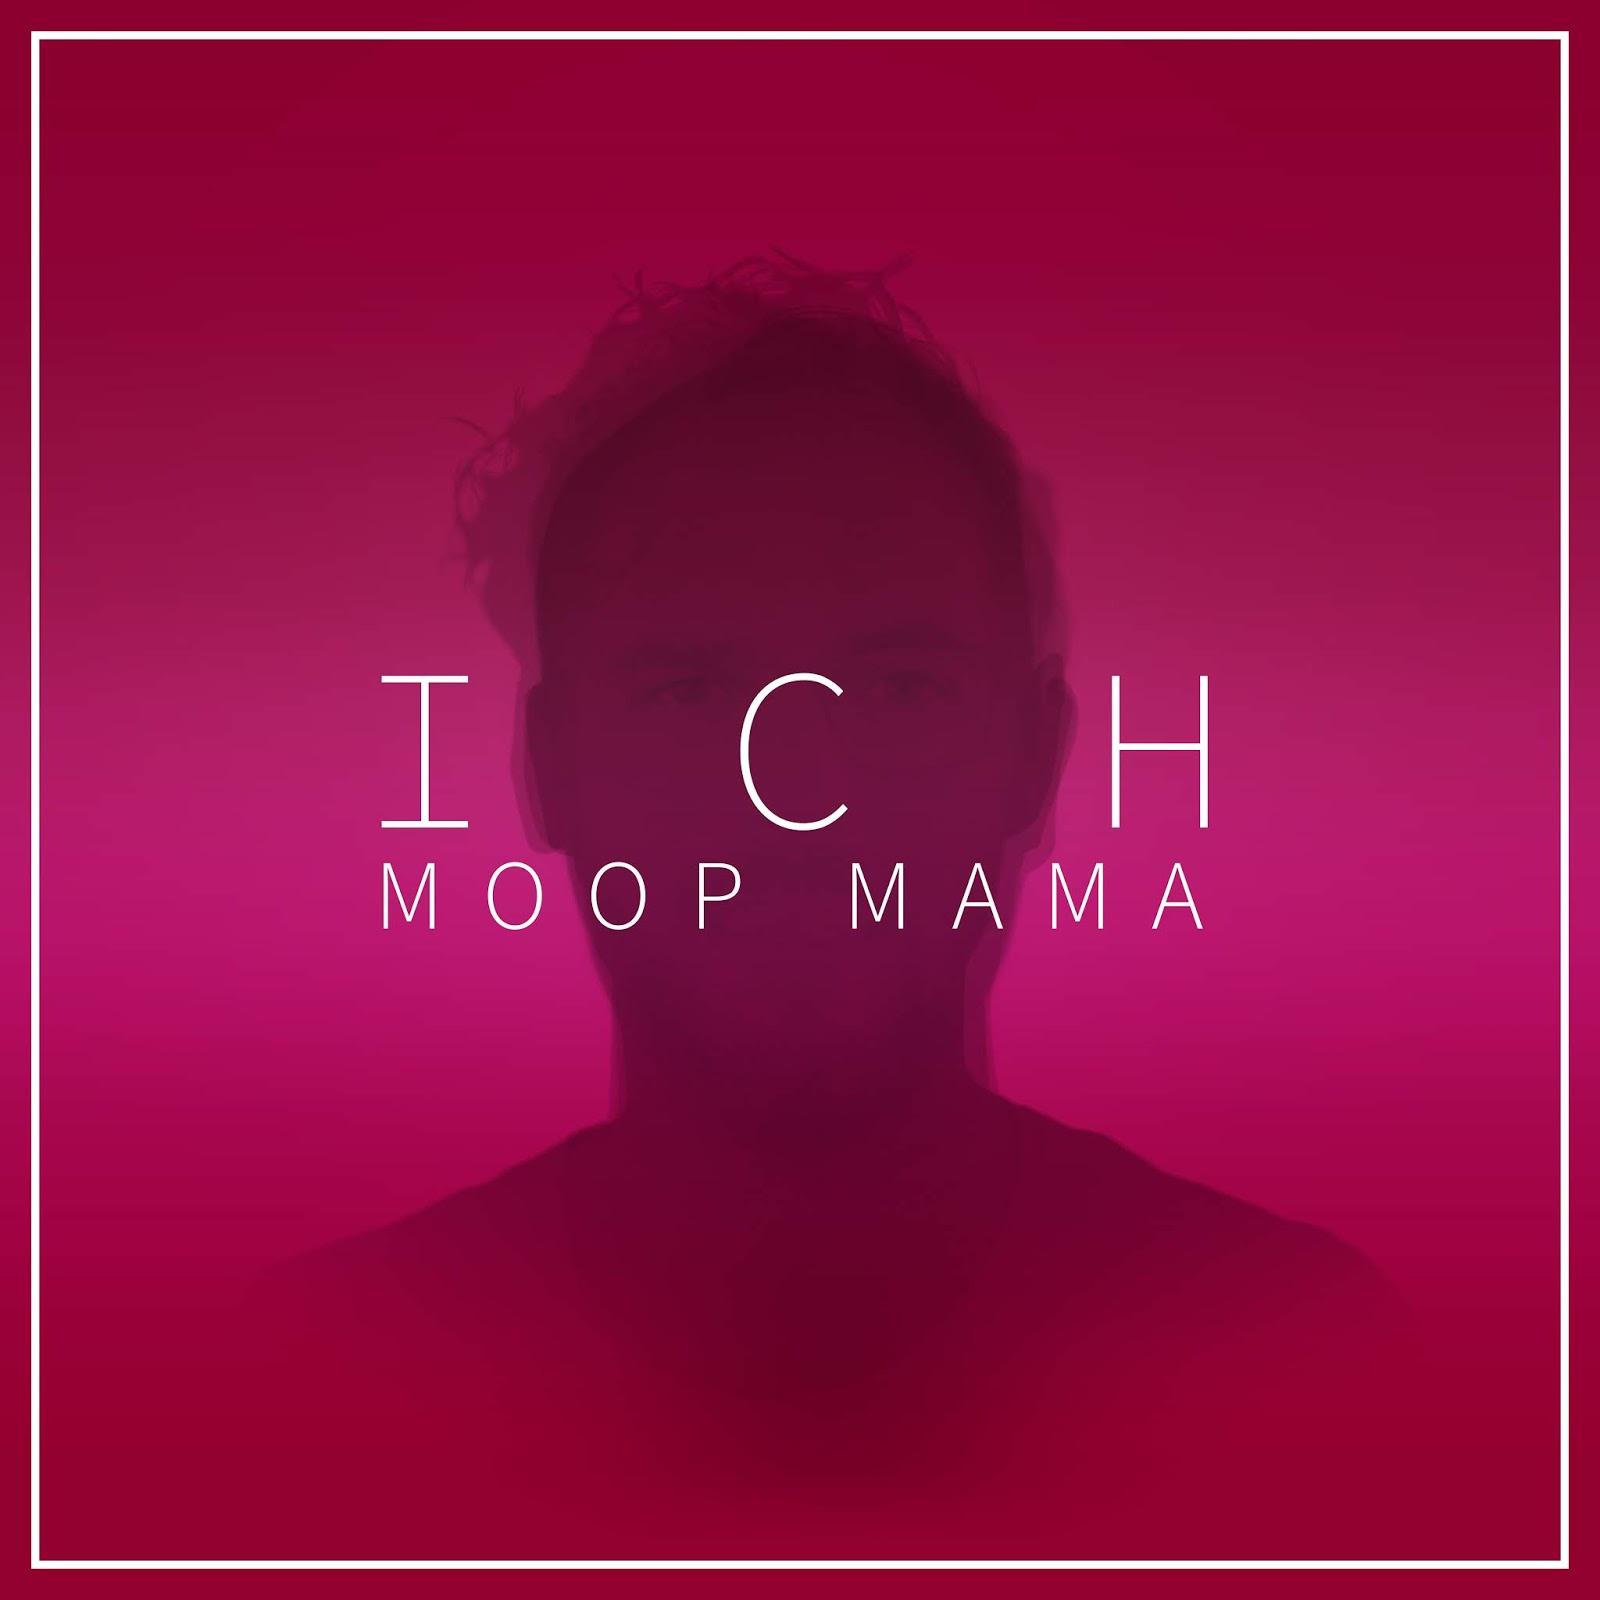 MOOP MAMA  - ICH | Neues von der Hip Hop Blaskapelle | Atomlabor Rezension